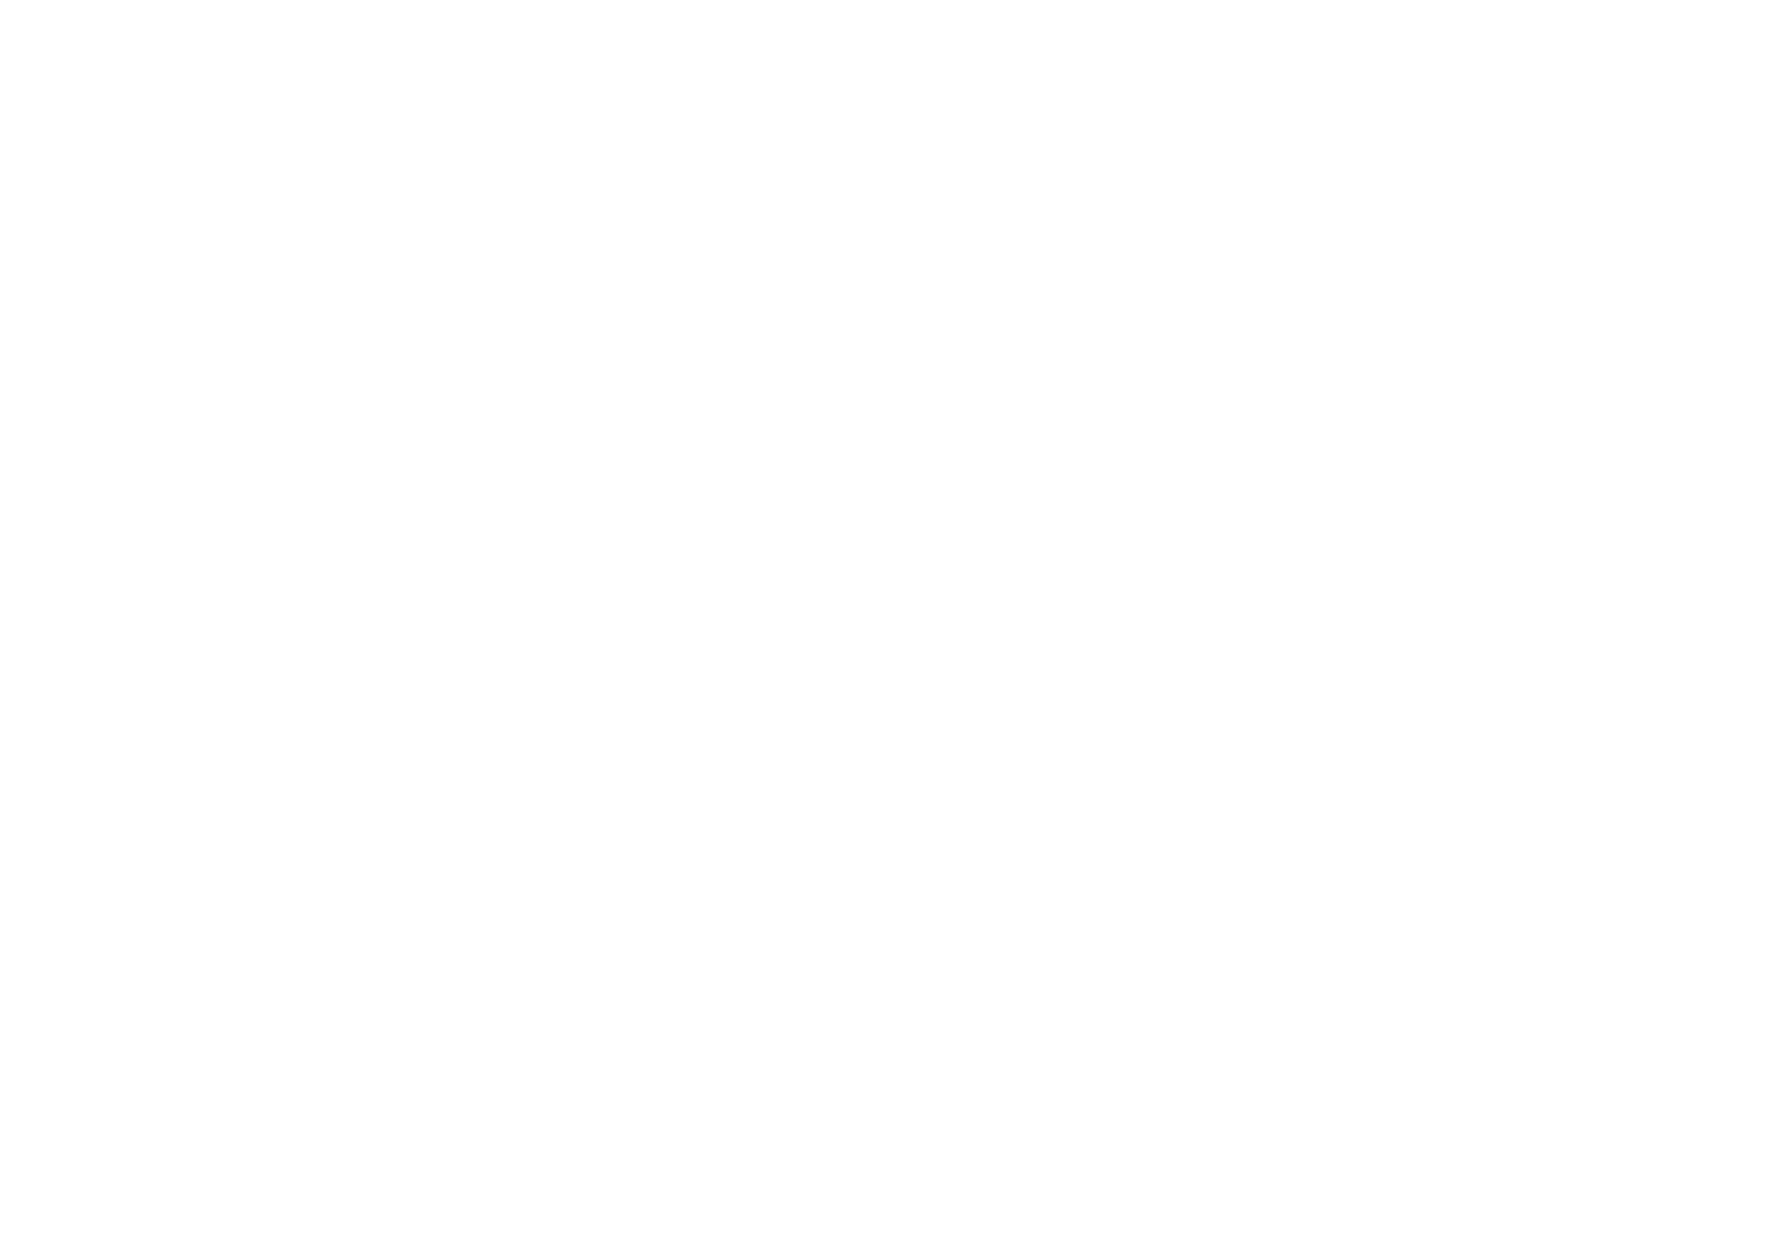 ESPOL - ALUMNI logo